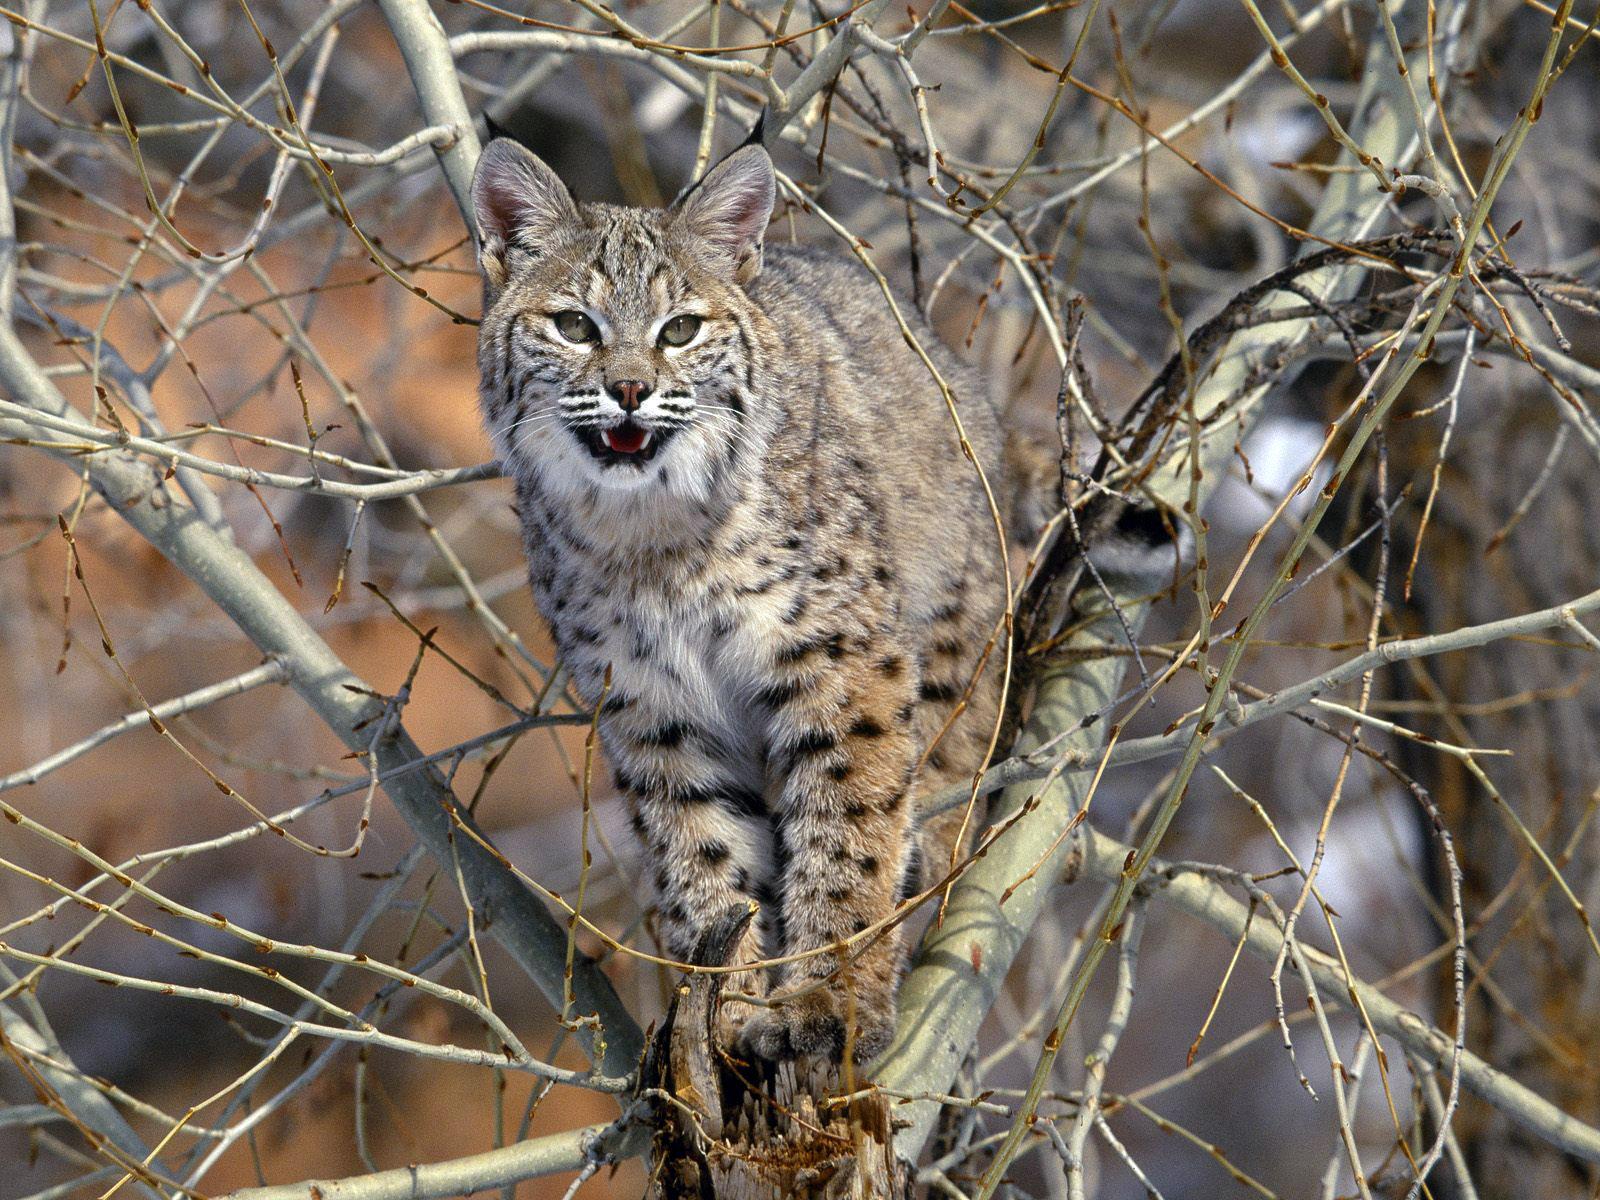 природа животные ветка деревья рысь nature animals branch trees lynx  № 559965 бесплатно